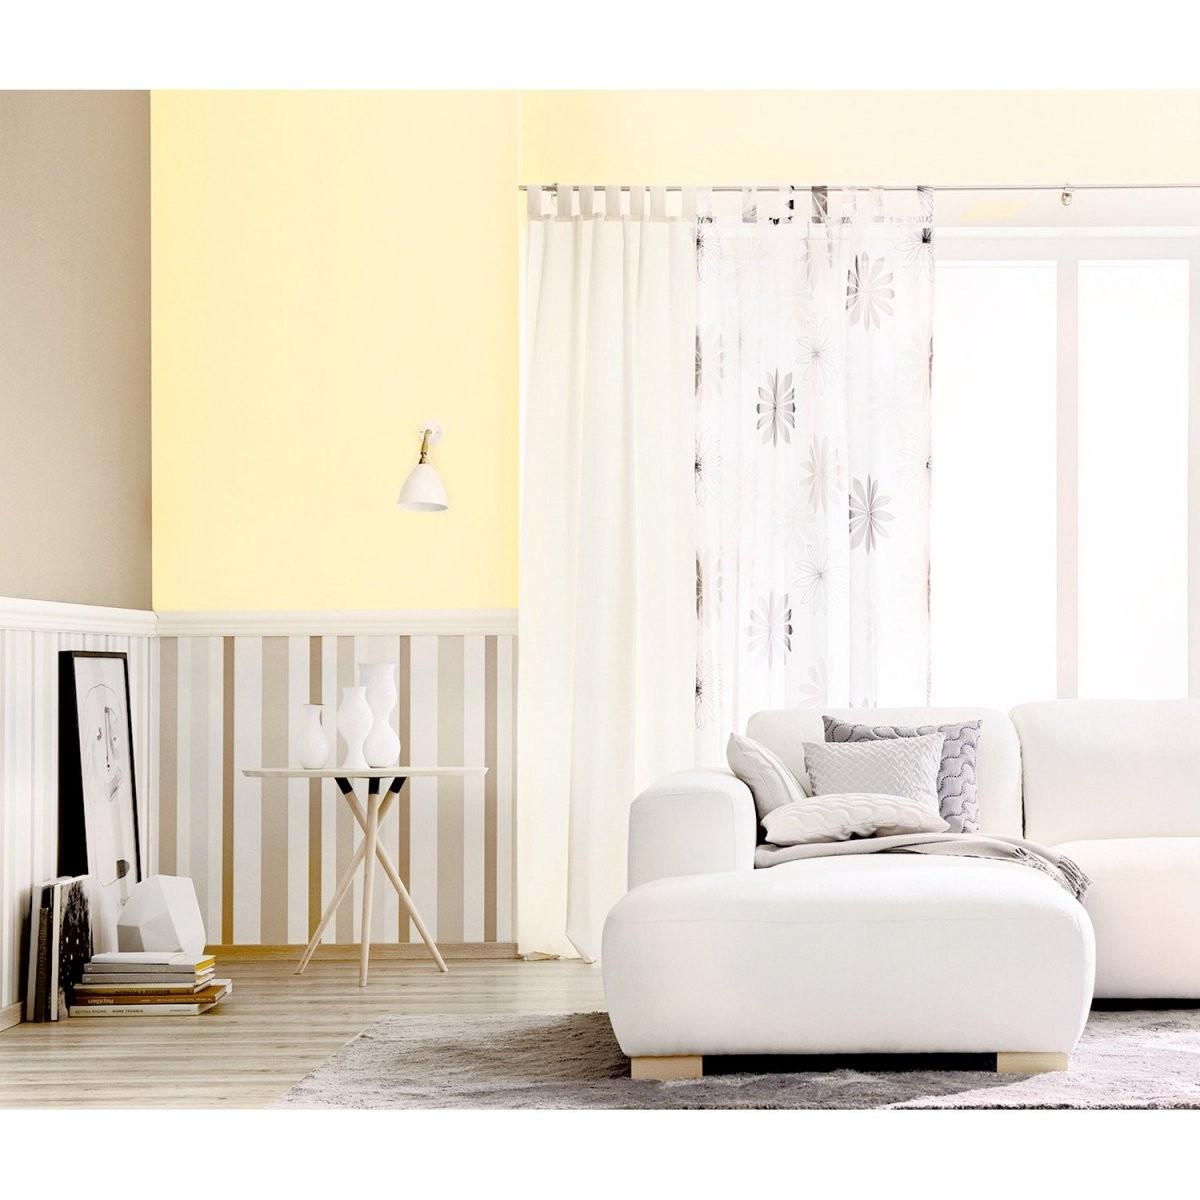 Schöner Wohnen Trendfarbe Tester Cream Matt 50 Ml Kaufen Bei Obi von Schöner Wohnen Trendfarbe Tester Bild